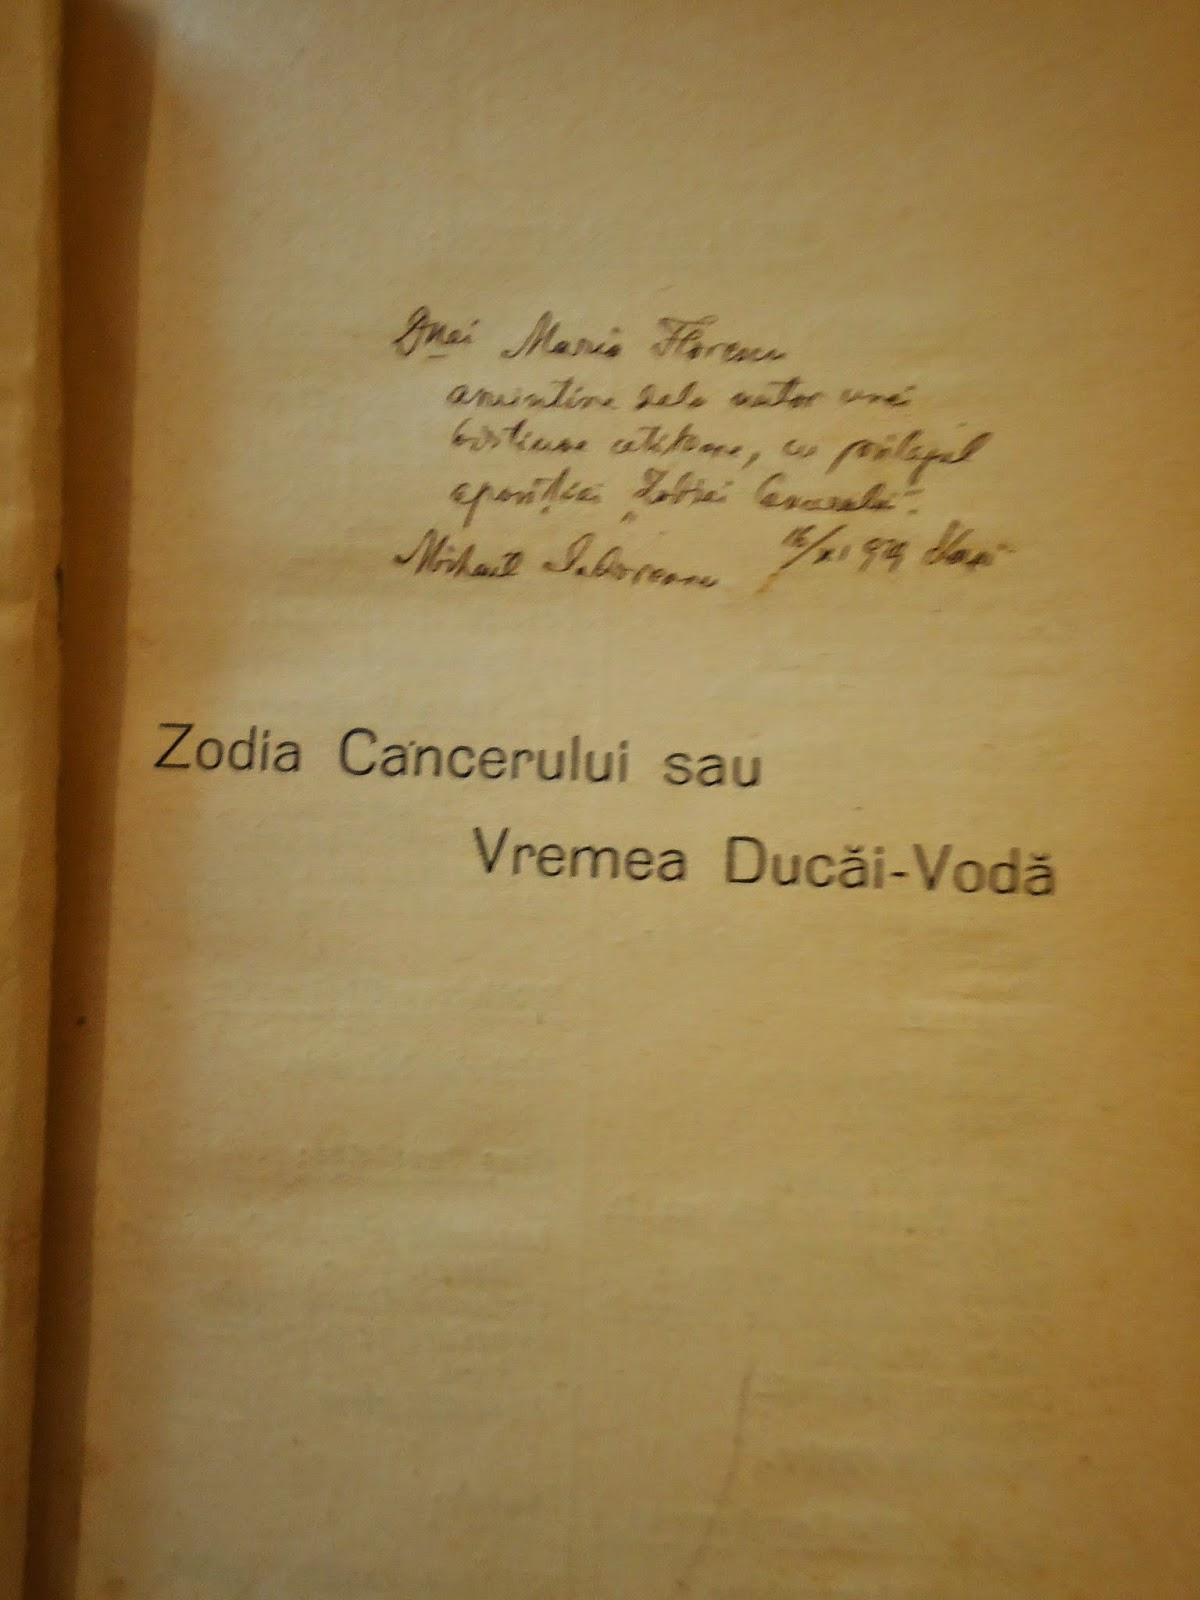 Rezumat - Zodia Cancerului sau Vremea Ducai Voda referat